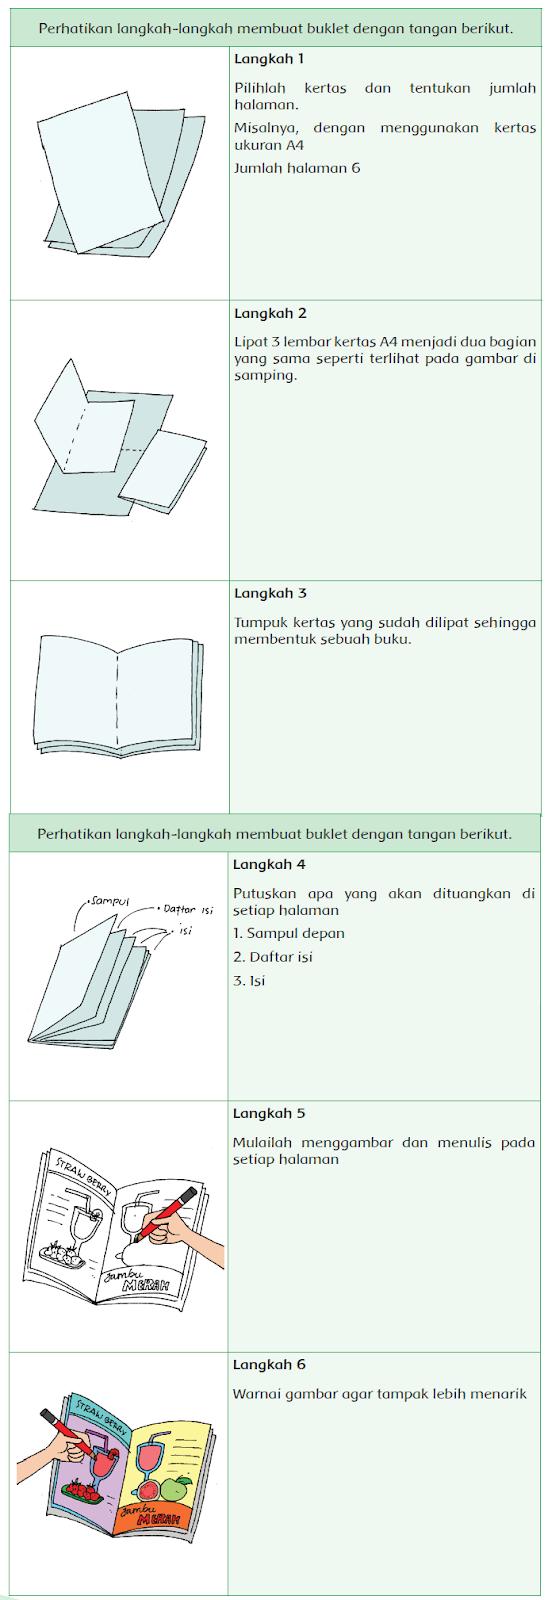 Kunci Jawaban Tematik Tema 5 Kelas 6 Halaman 174 Kurikulum 2013